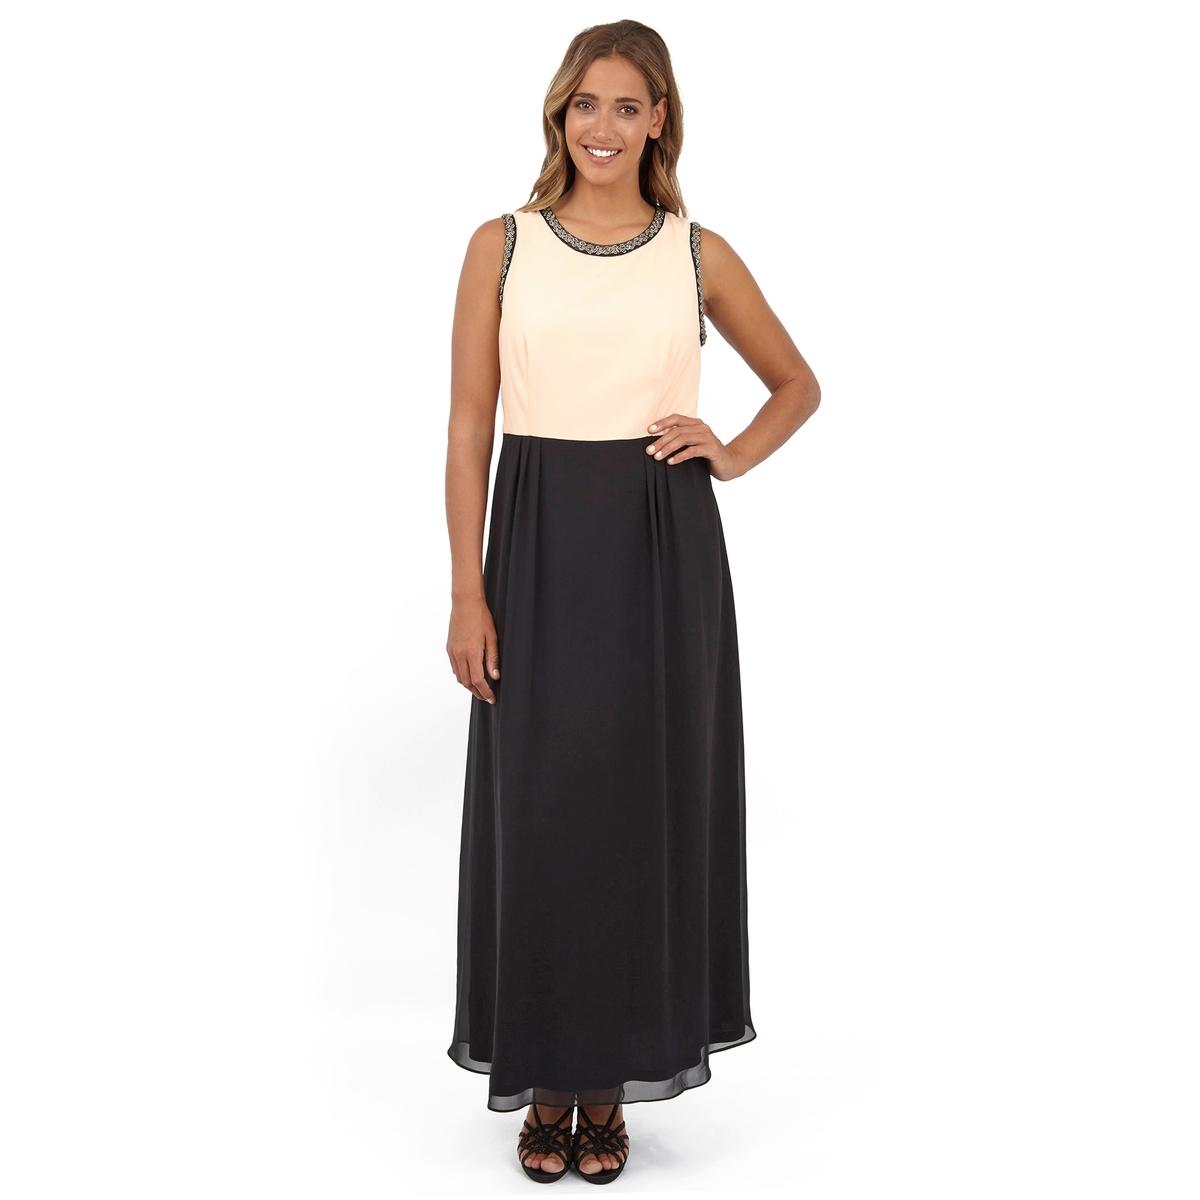 Платье длинноеПлатье длинное без рукавов - LOVEDROBE. Симпатичное двухцветное платье-макси. Длина ок.155 см<br><br>Цвет: слоновая кость/ черный<br>Размер: 50/52 (FR) - 56/58 (RUS)